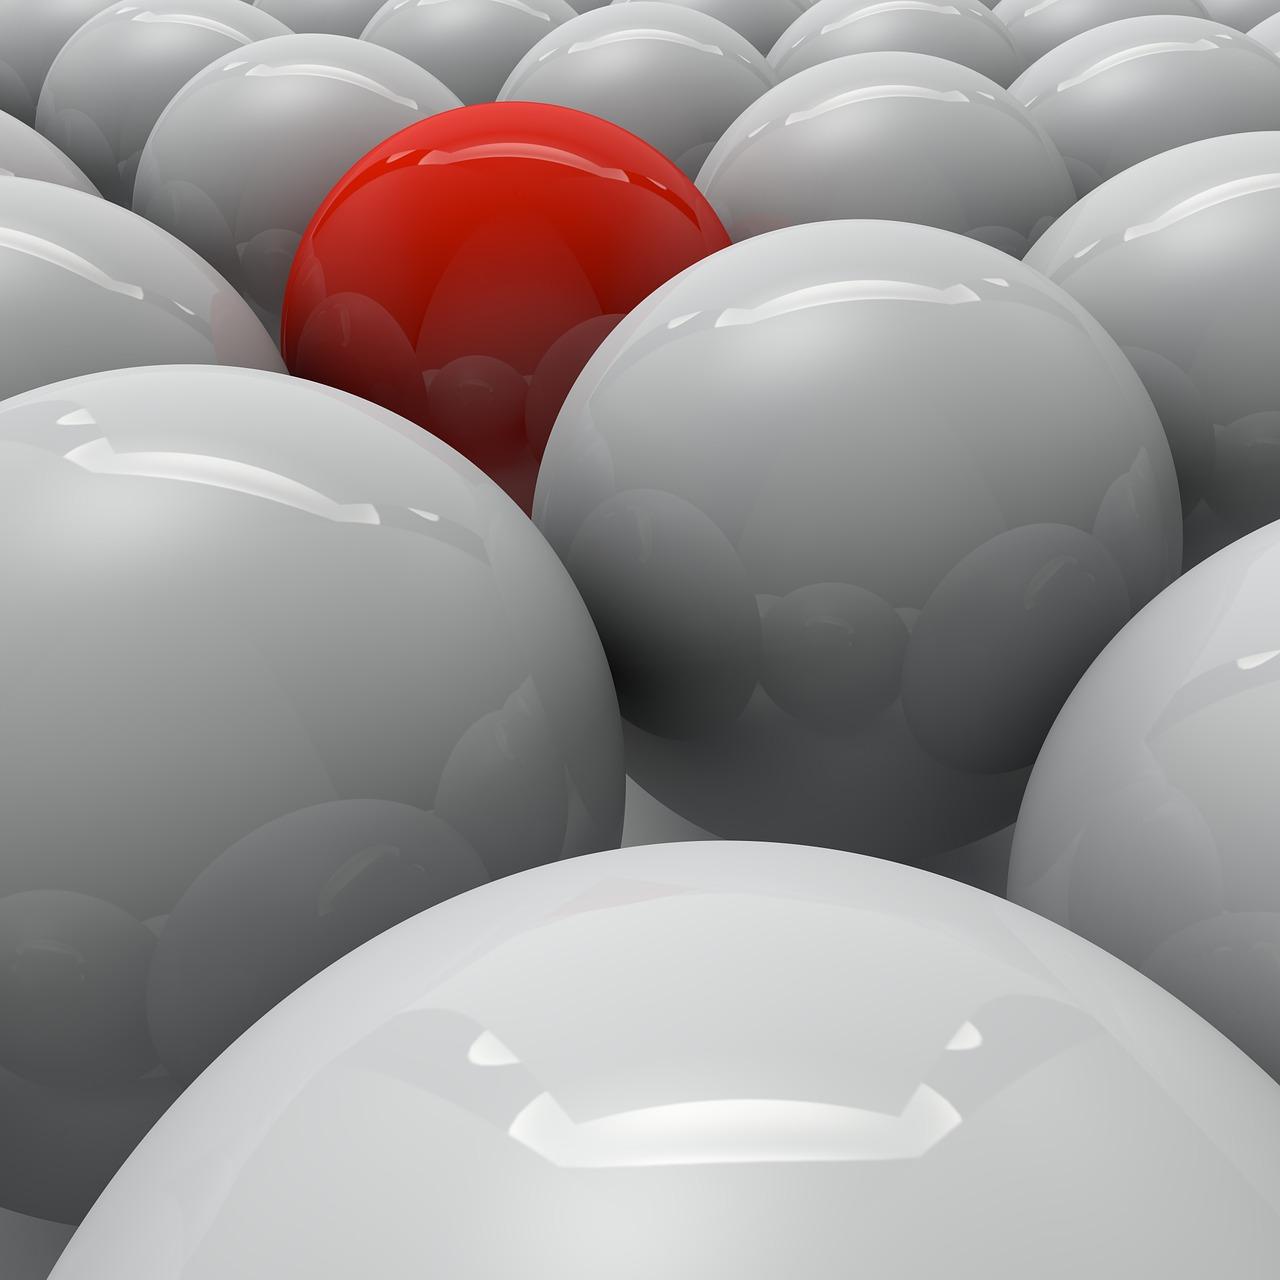 他との差別化赤い球